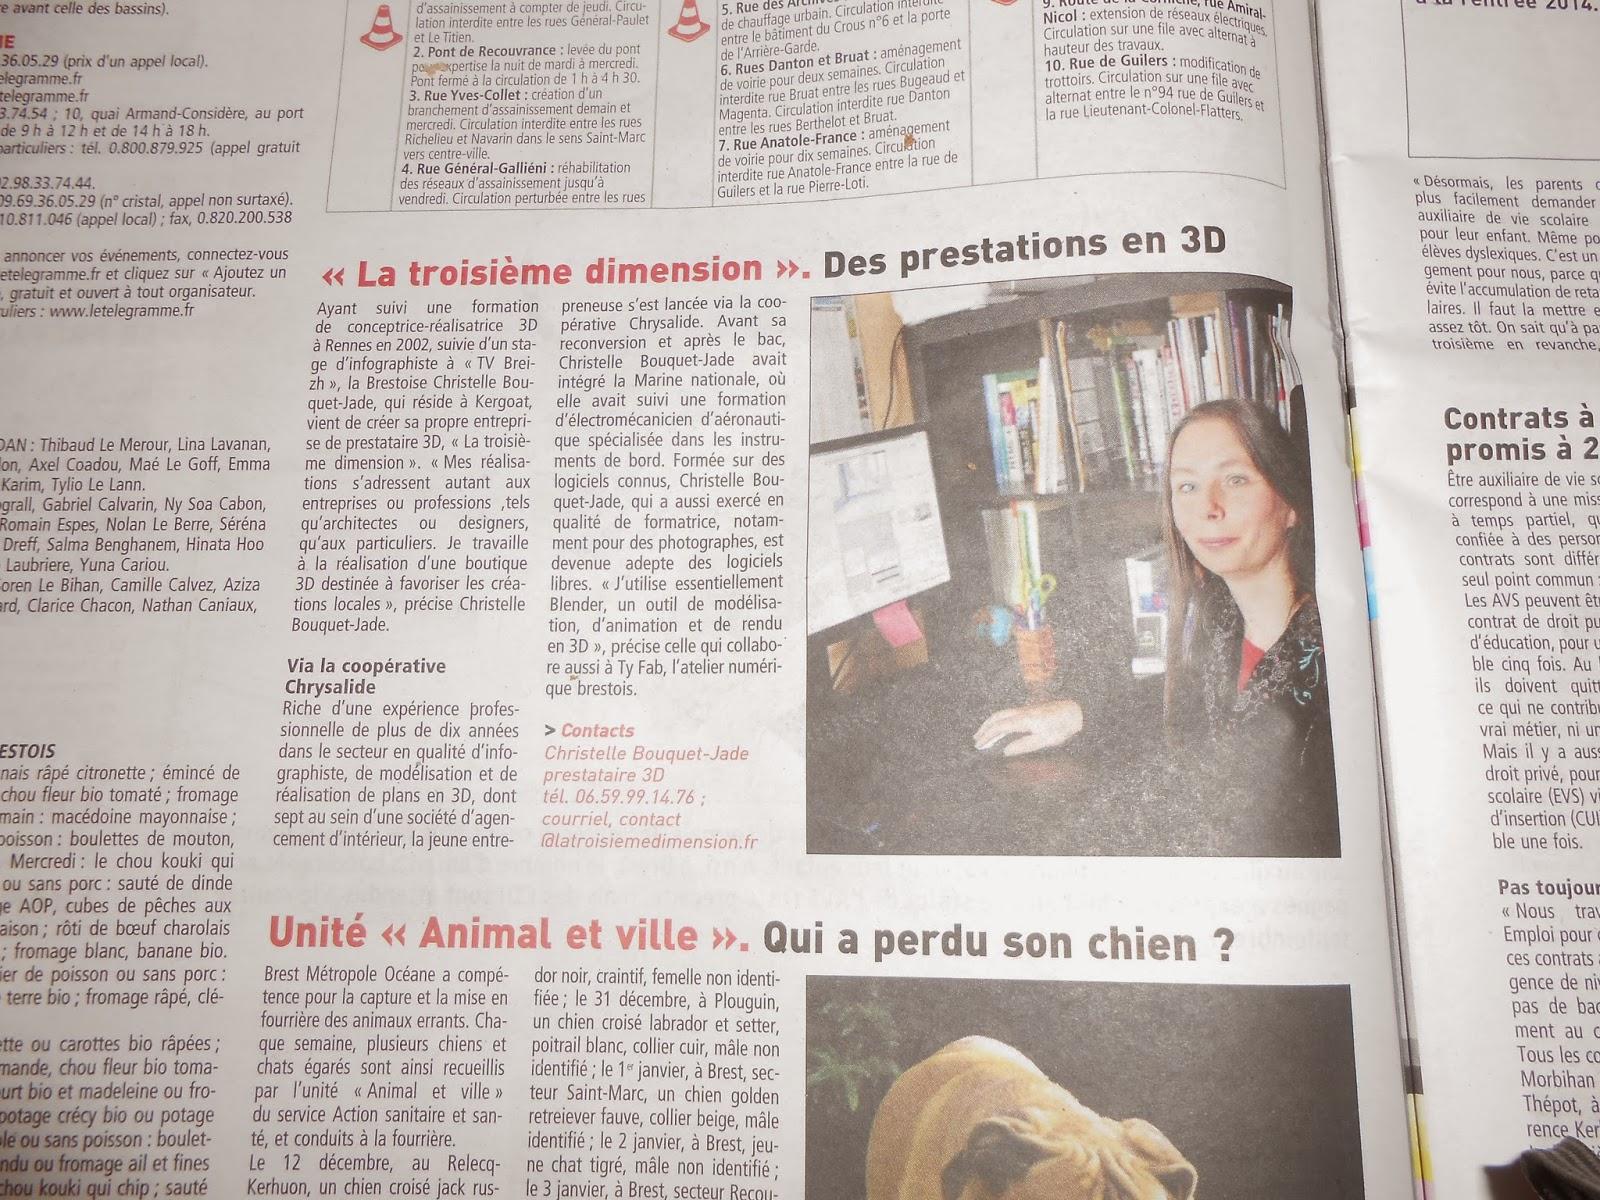 La Troisième Dimension dans la Presse: le Télégramme de Brest 13 janvier 2014